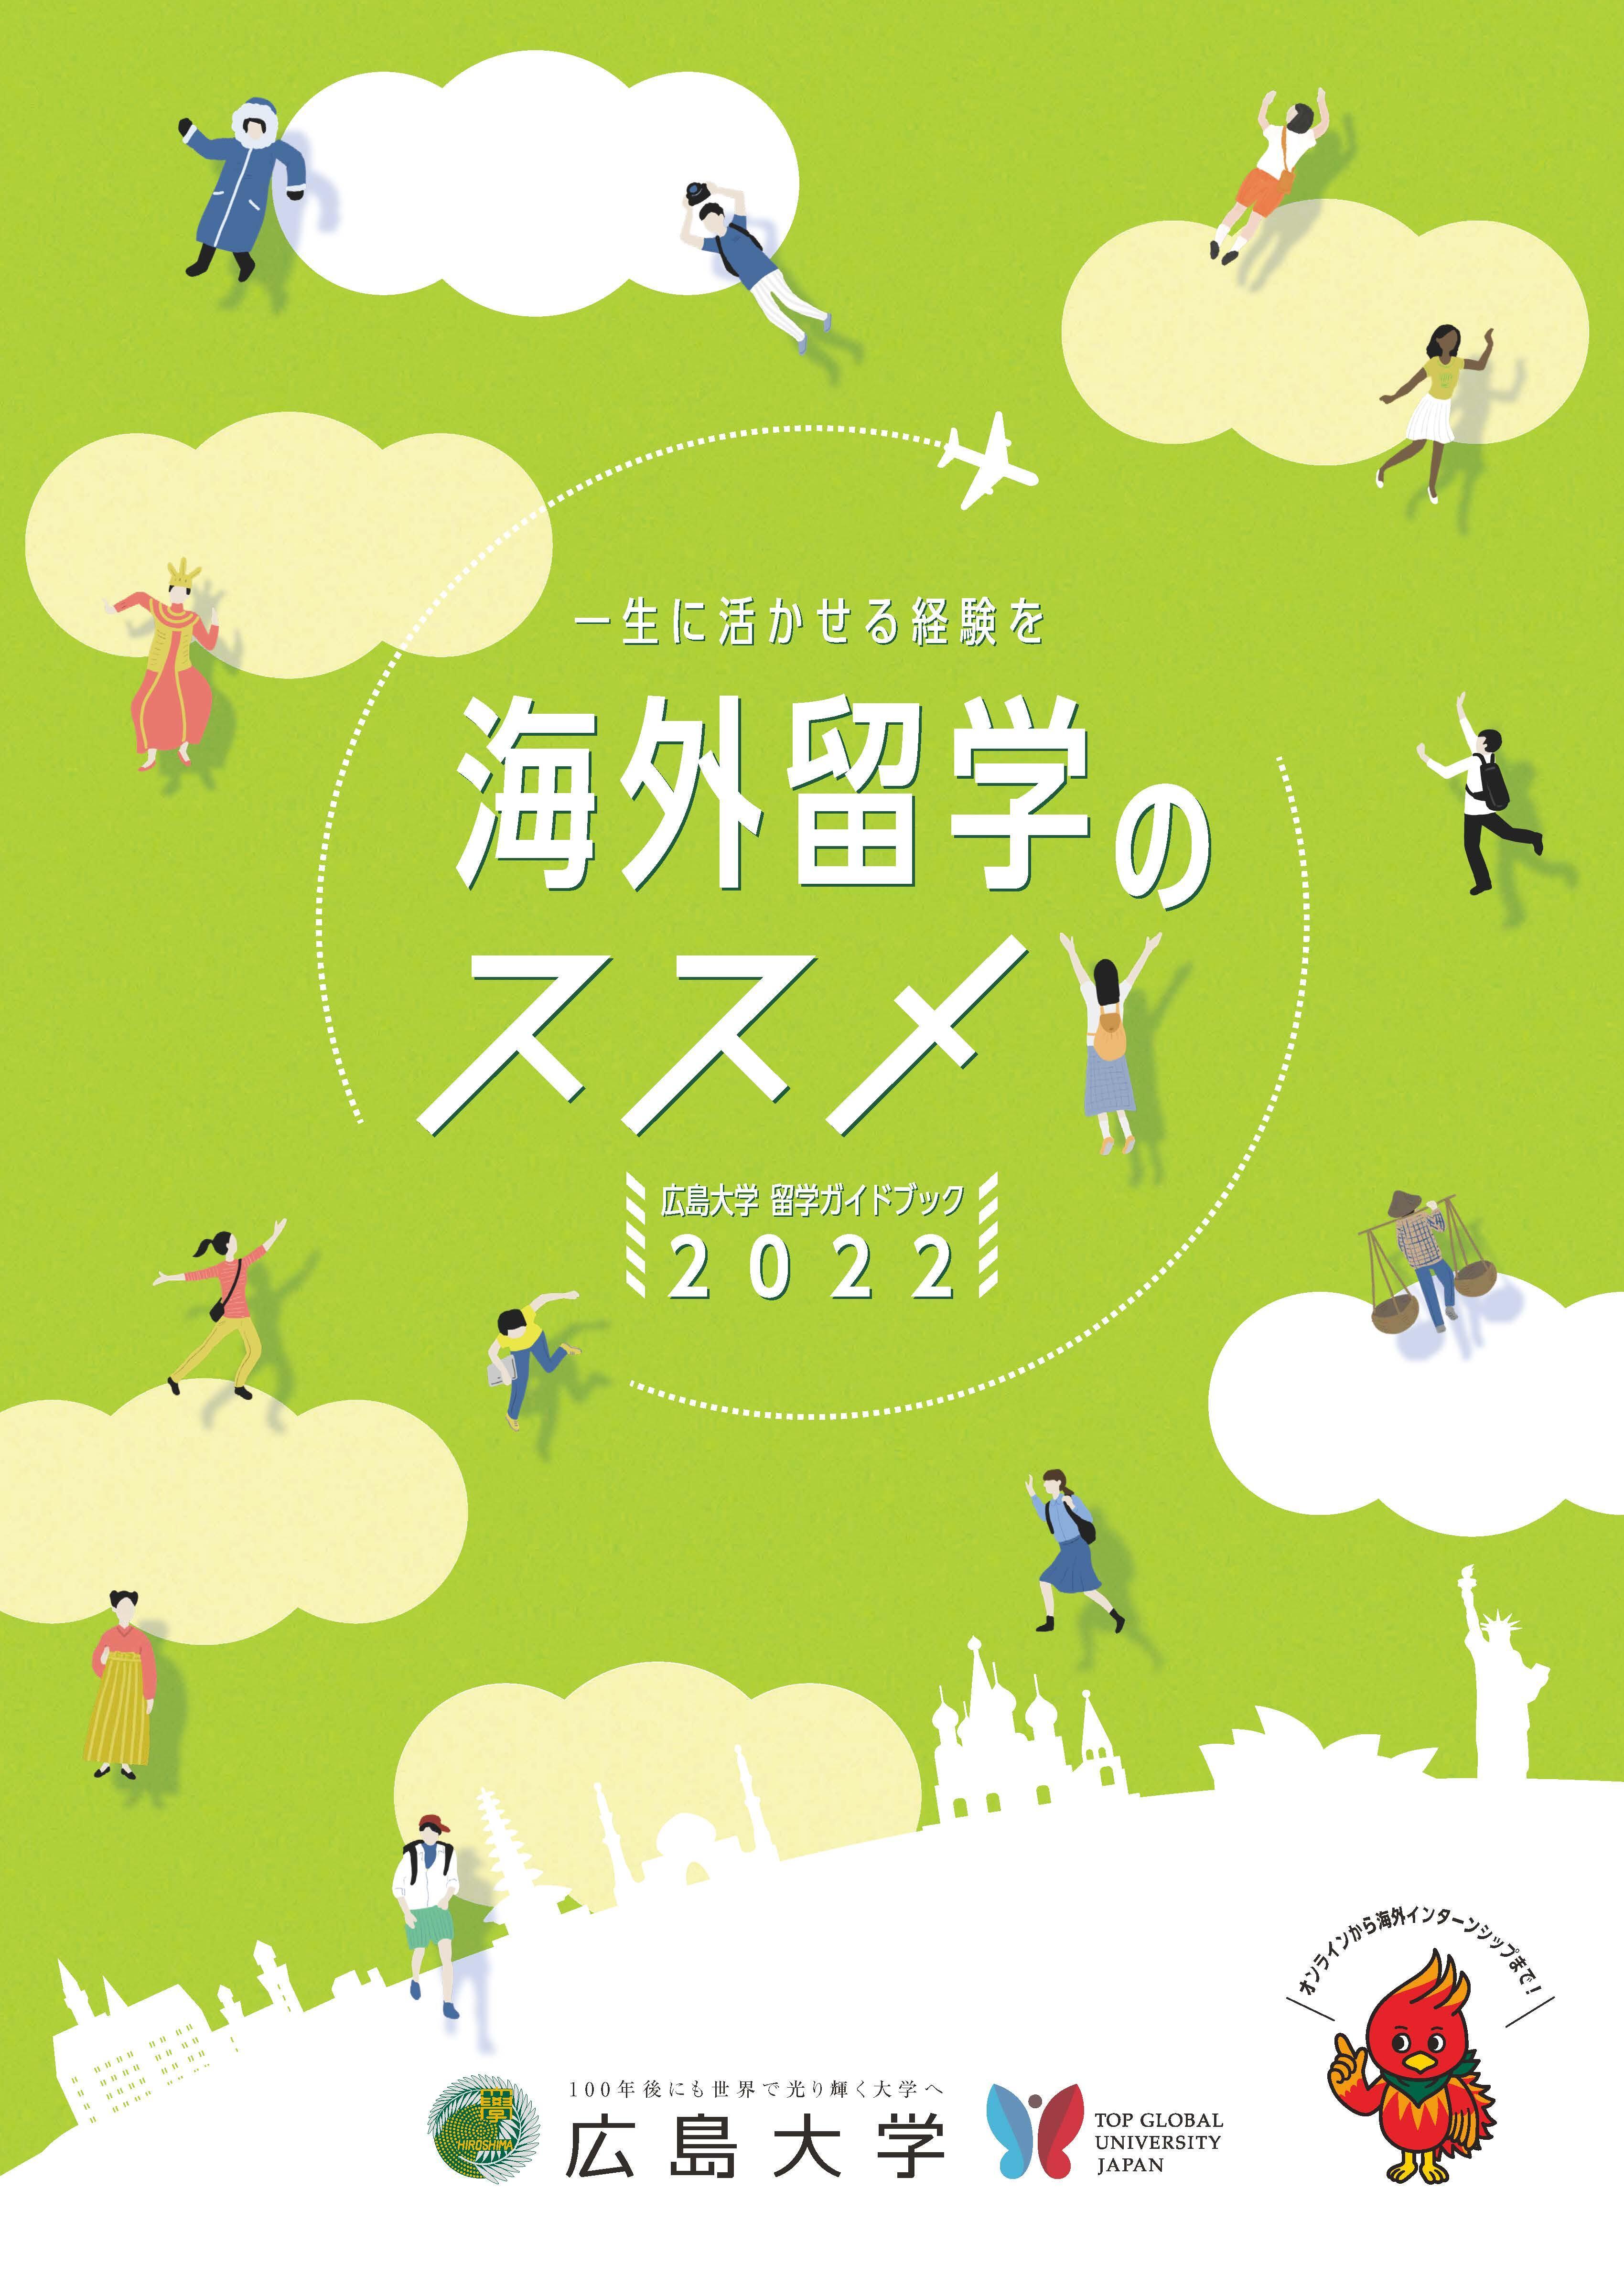 広島大学留学パンフレット2022.jpg